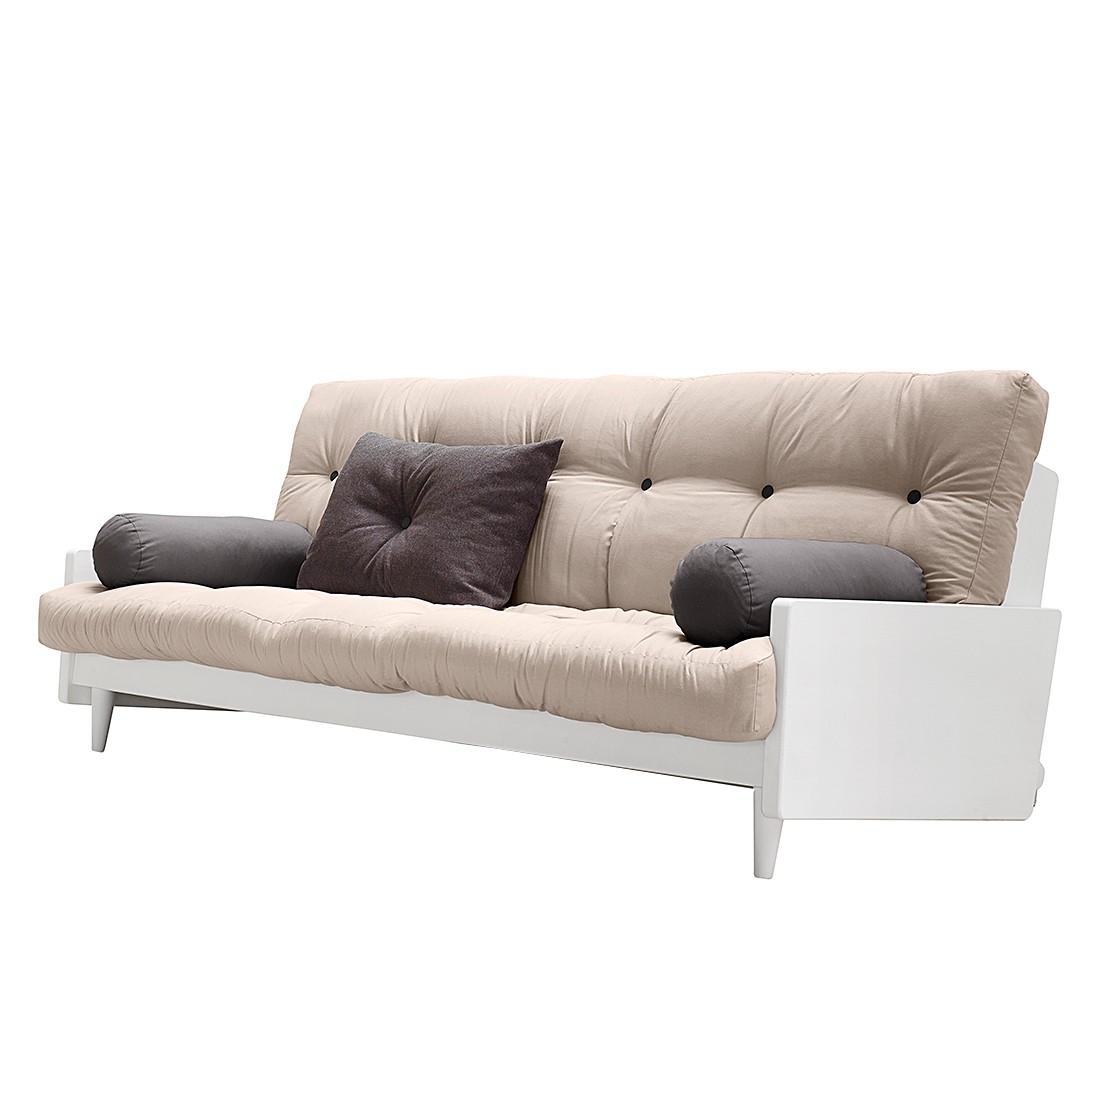 schlafsofa buckle up futon grau limette karup g nstig. Black Bedroom Furniture Sets. Home Design Ideas